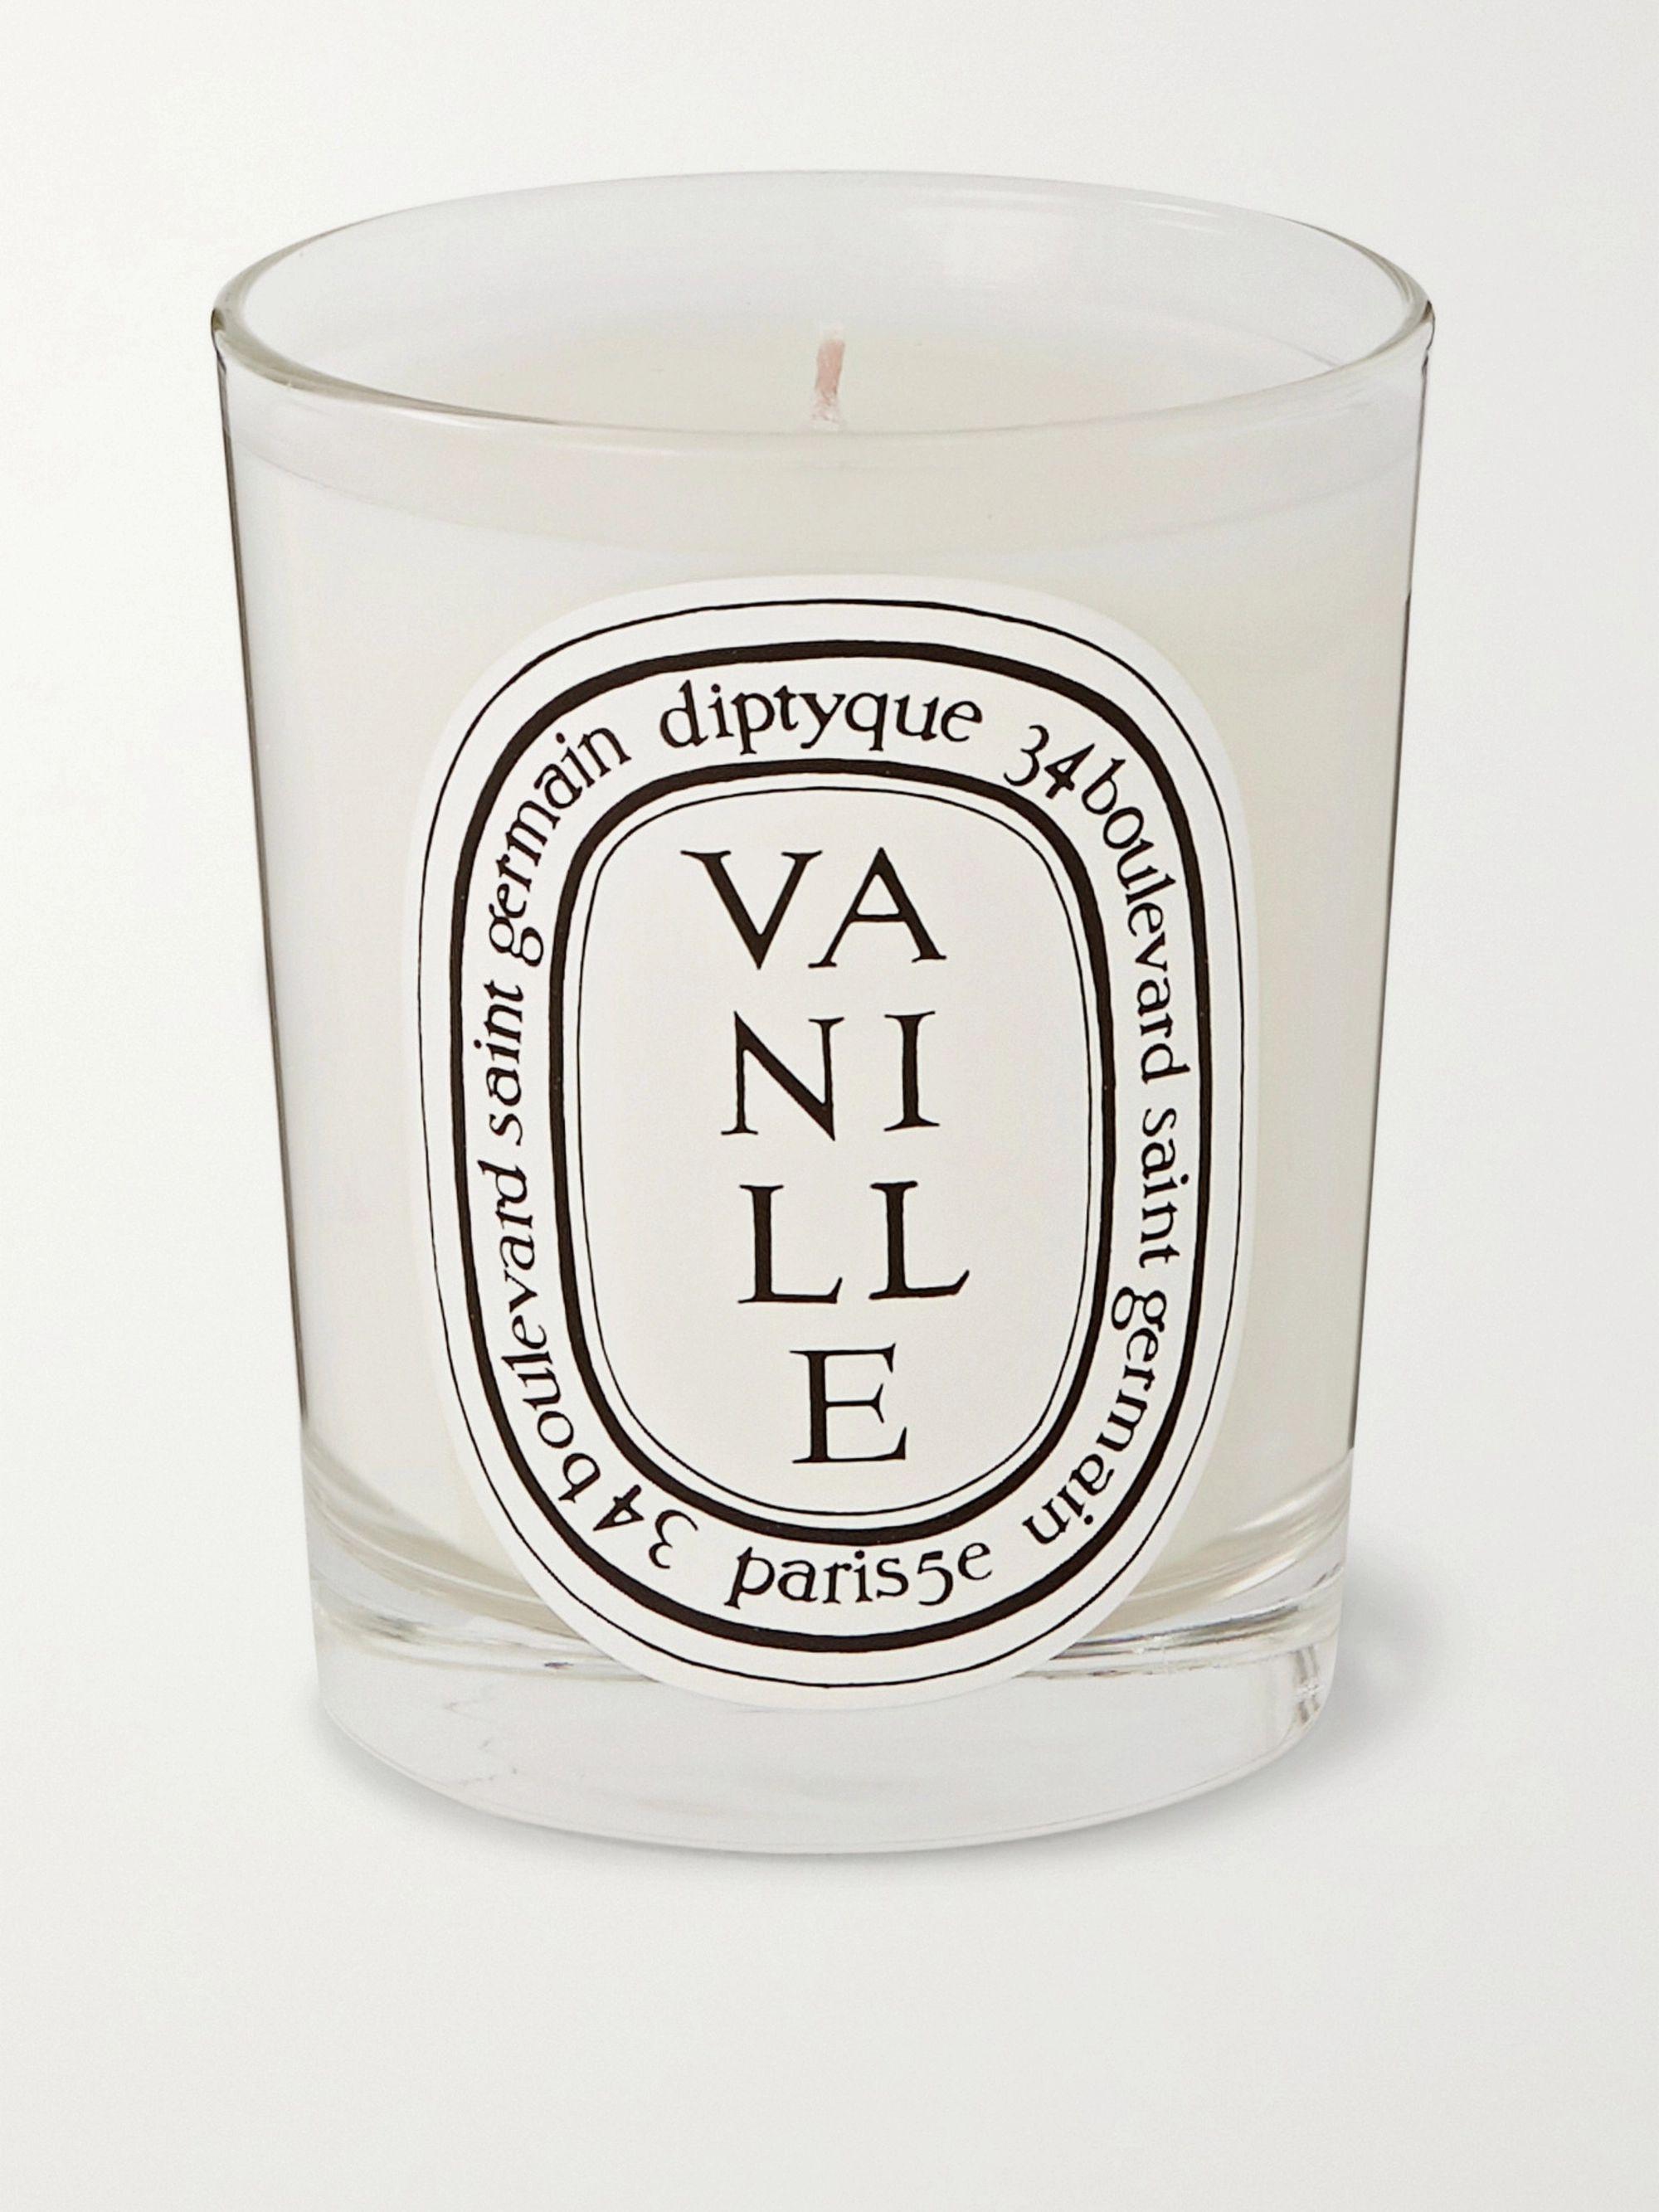 딥티크 바닐라 향초 190g Diptyque Vanilla Scented Candle 190g